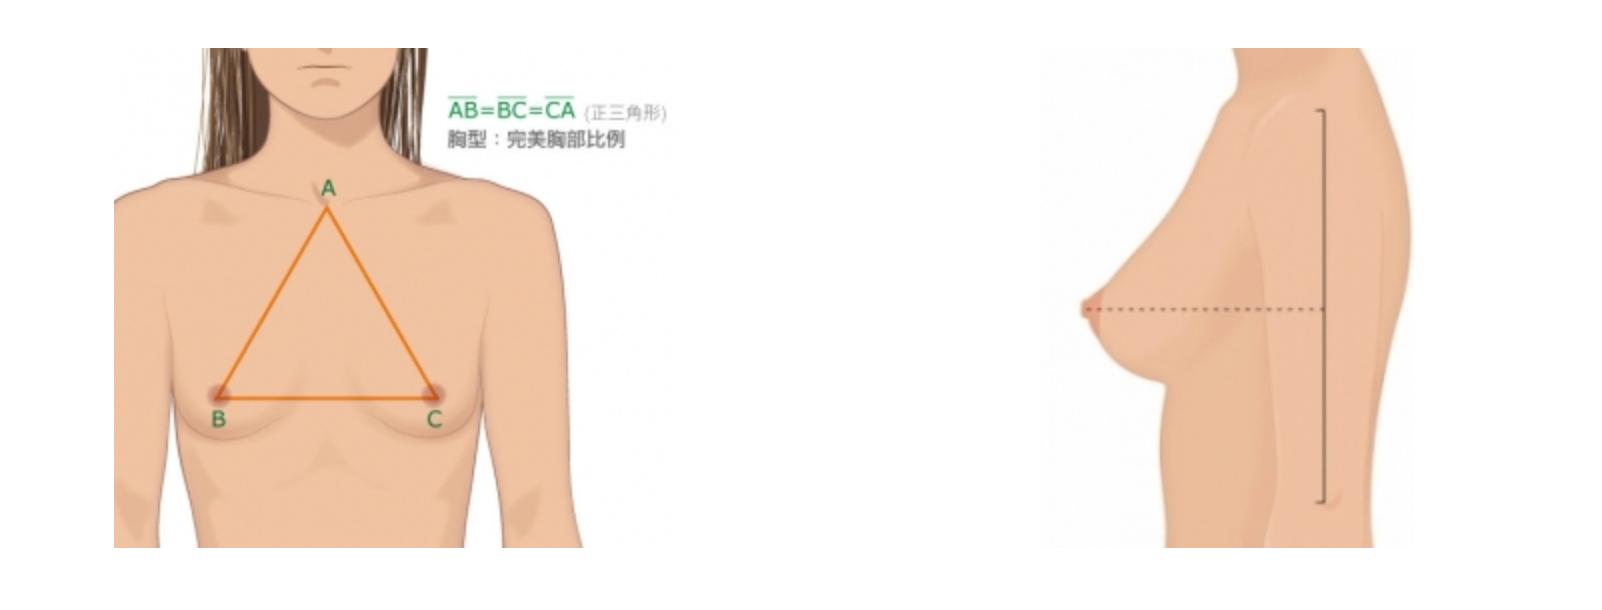 完美胸部示意图